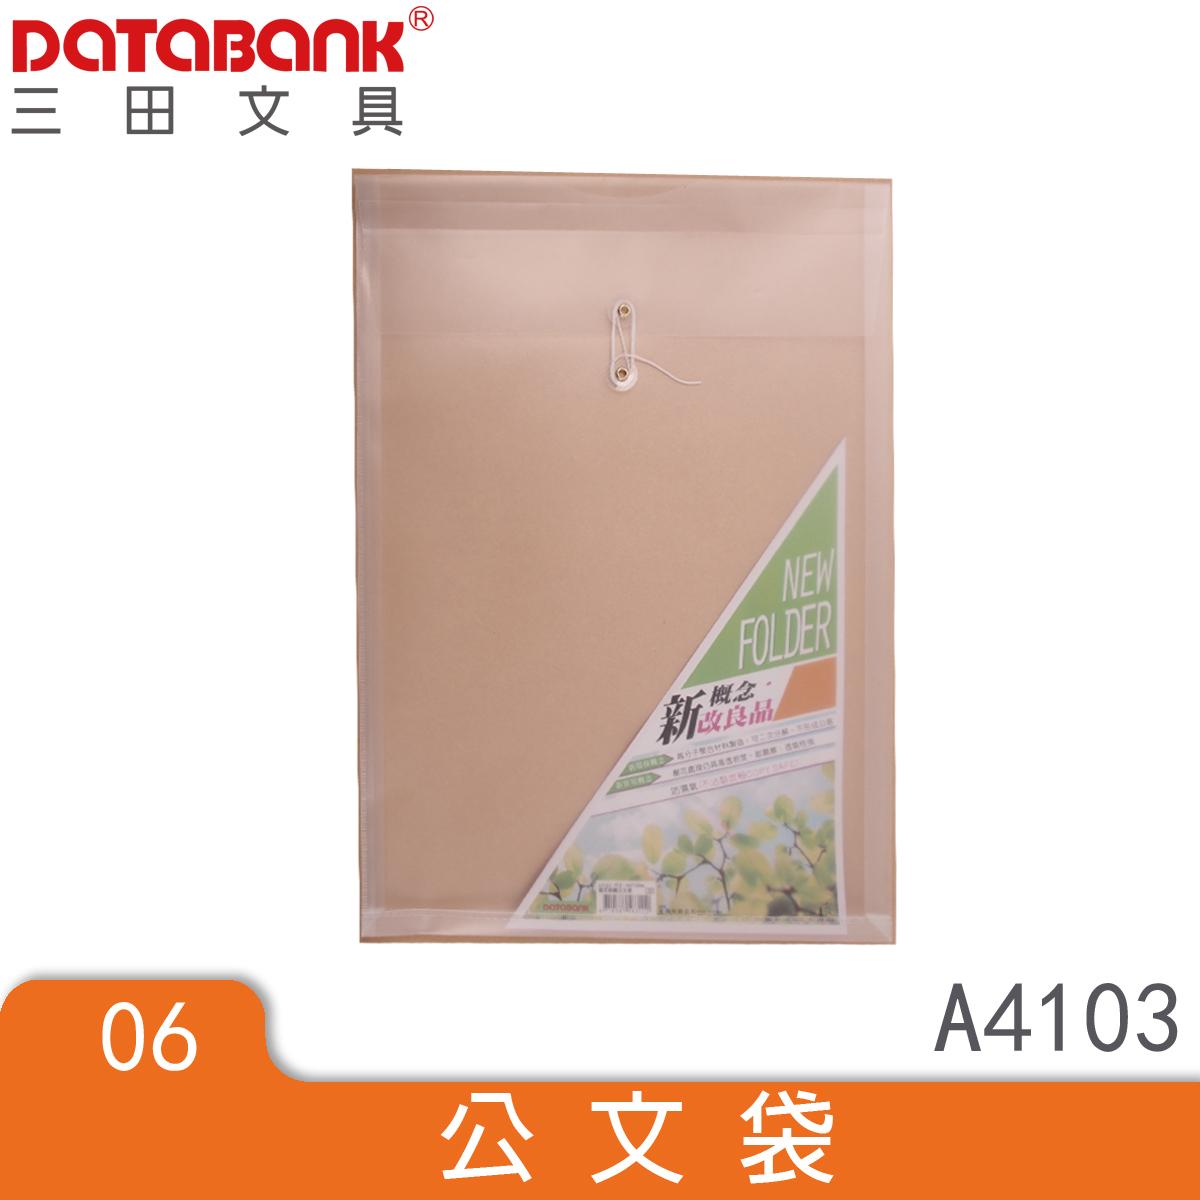 環保系列 A4 直式環保繩扣公文袋 12個/包 (A4103) 文件資料夾 型錄收納夾 資料歸檔專家 DATABANK